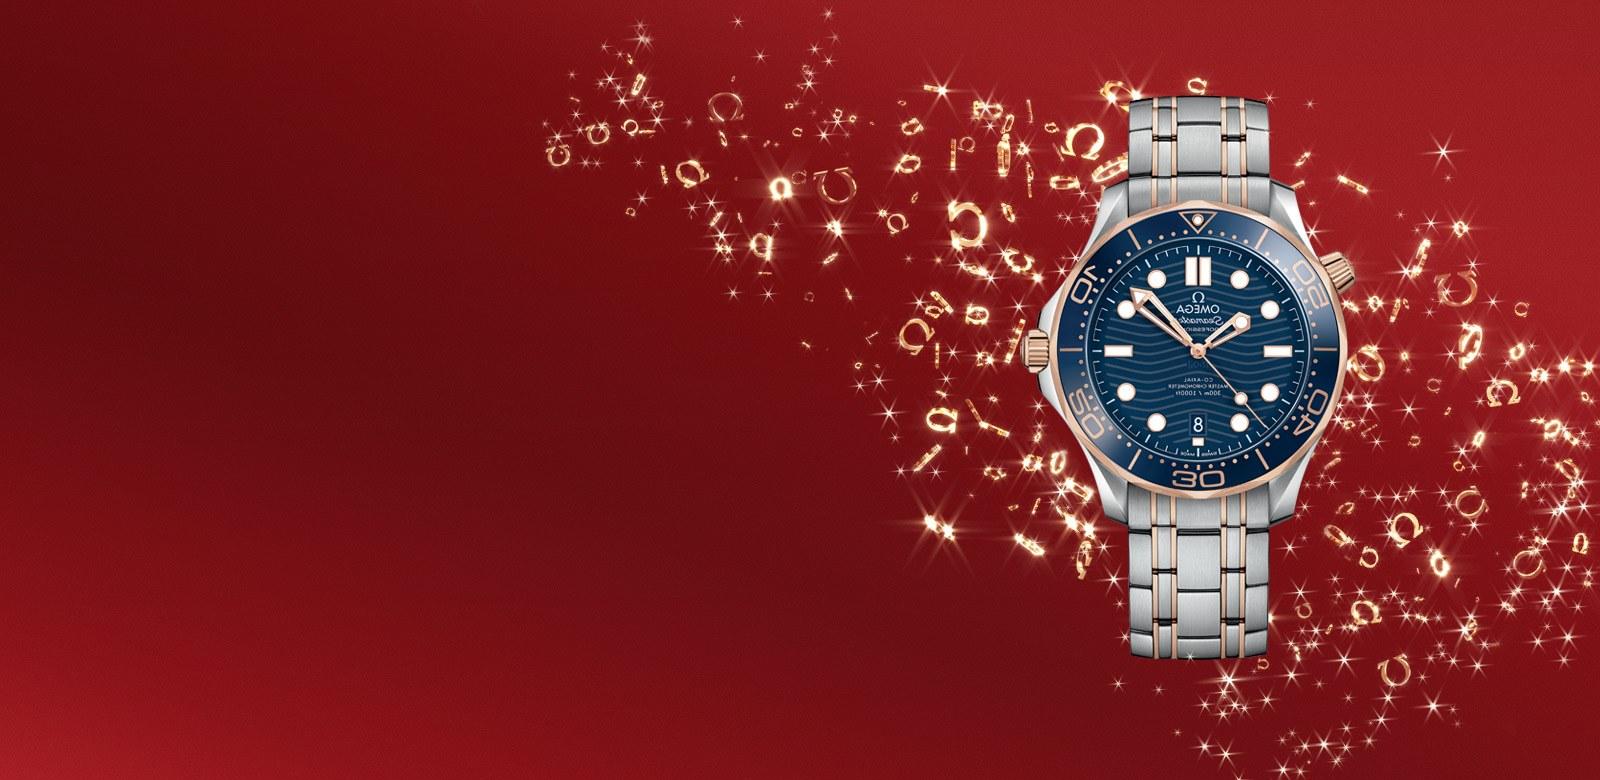 Model Gamis Seragam Pernikahan Drdp Globemaster Omega Co‑axial Master Chronometer 39 Mm